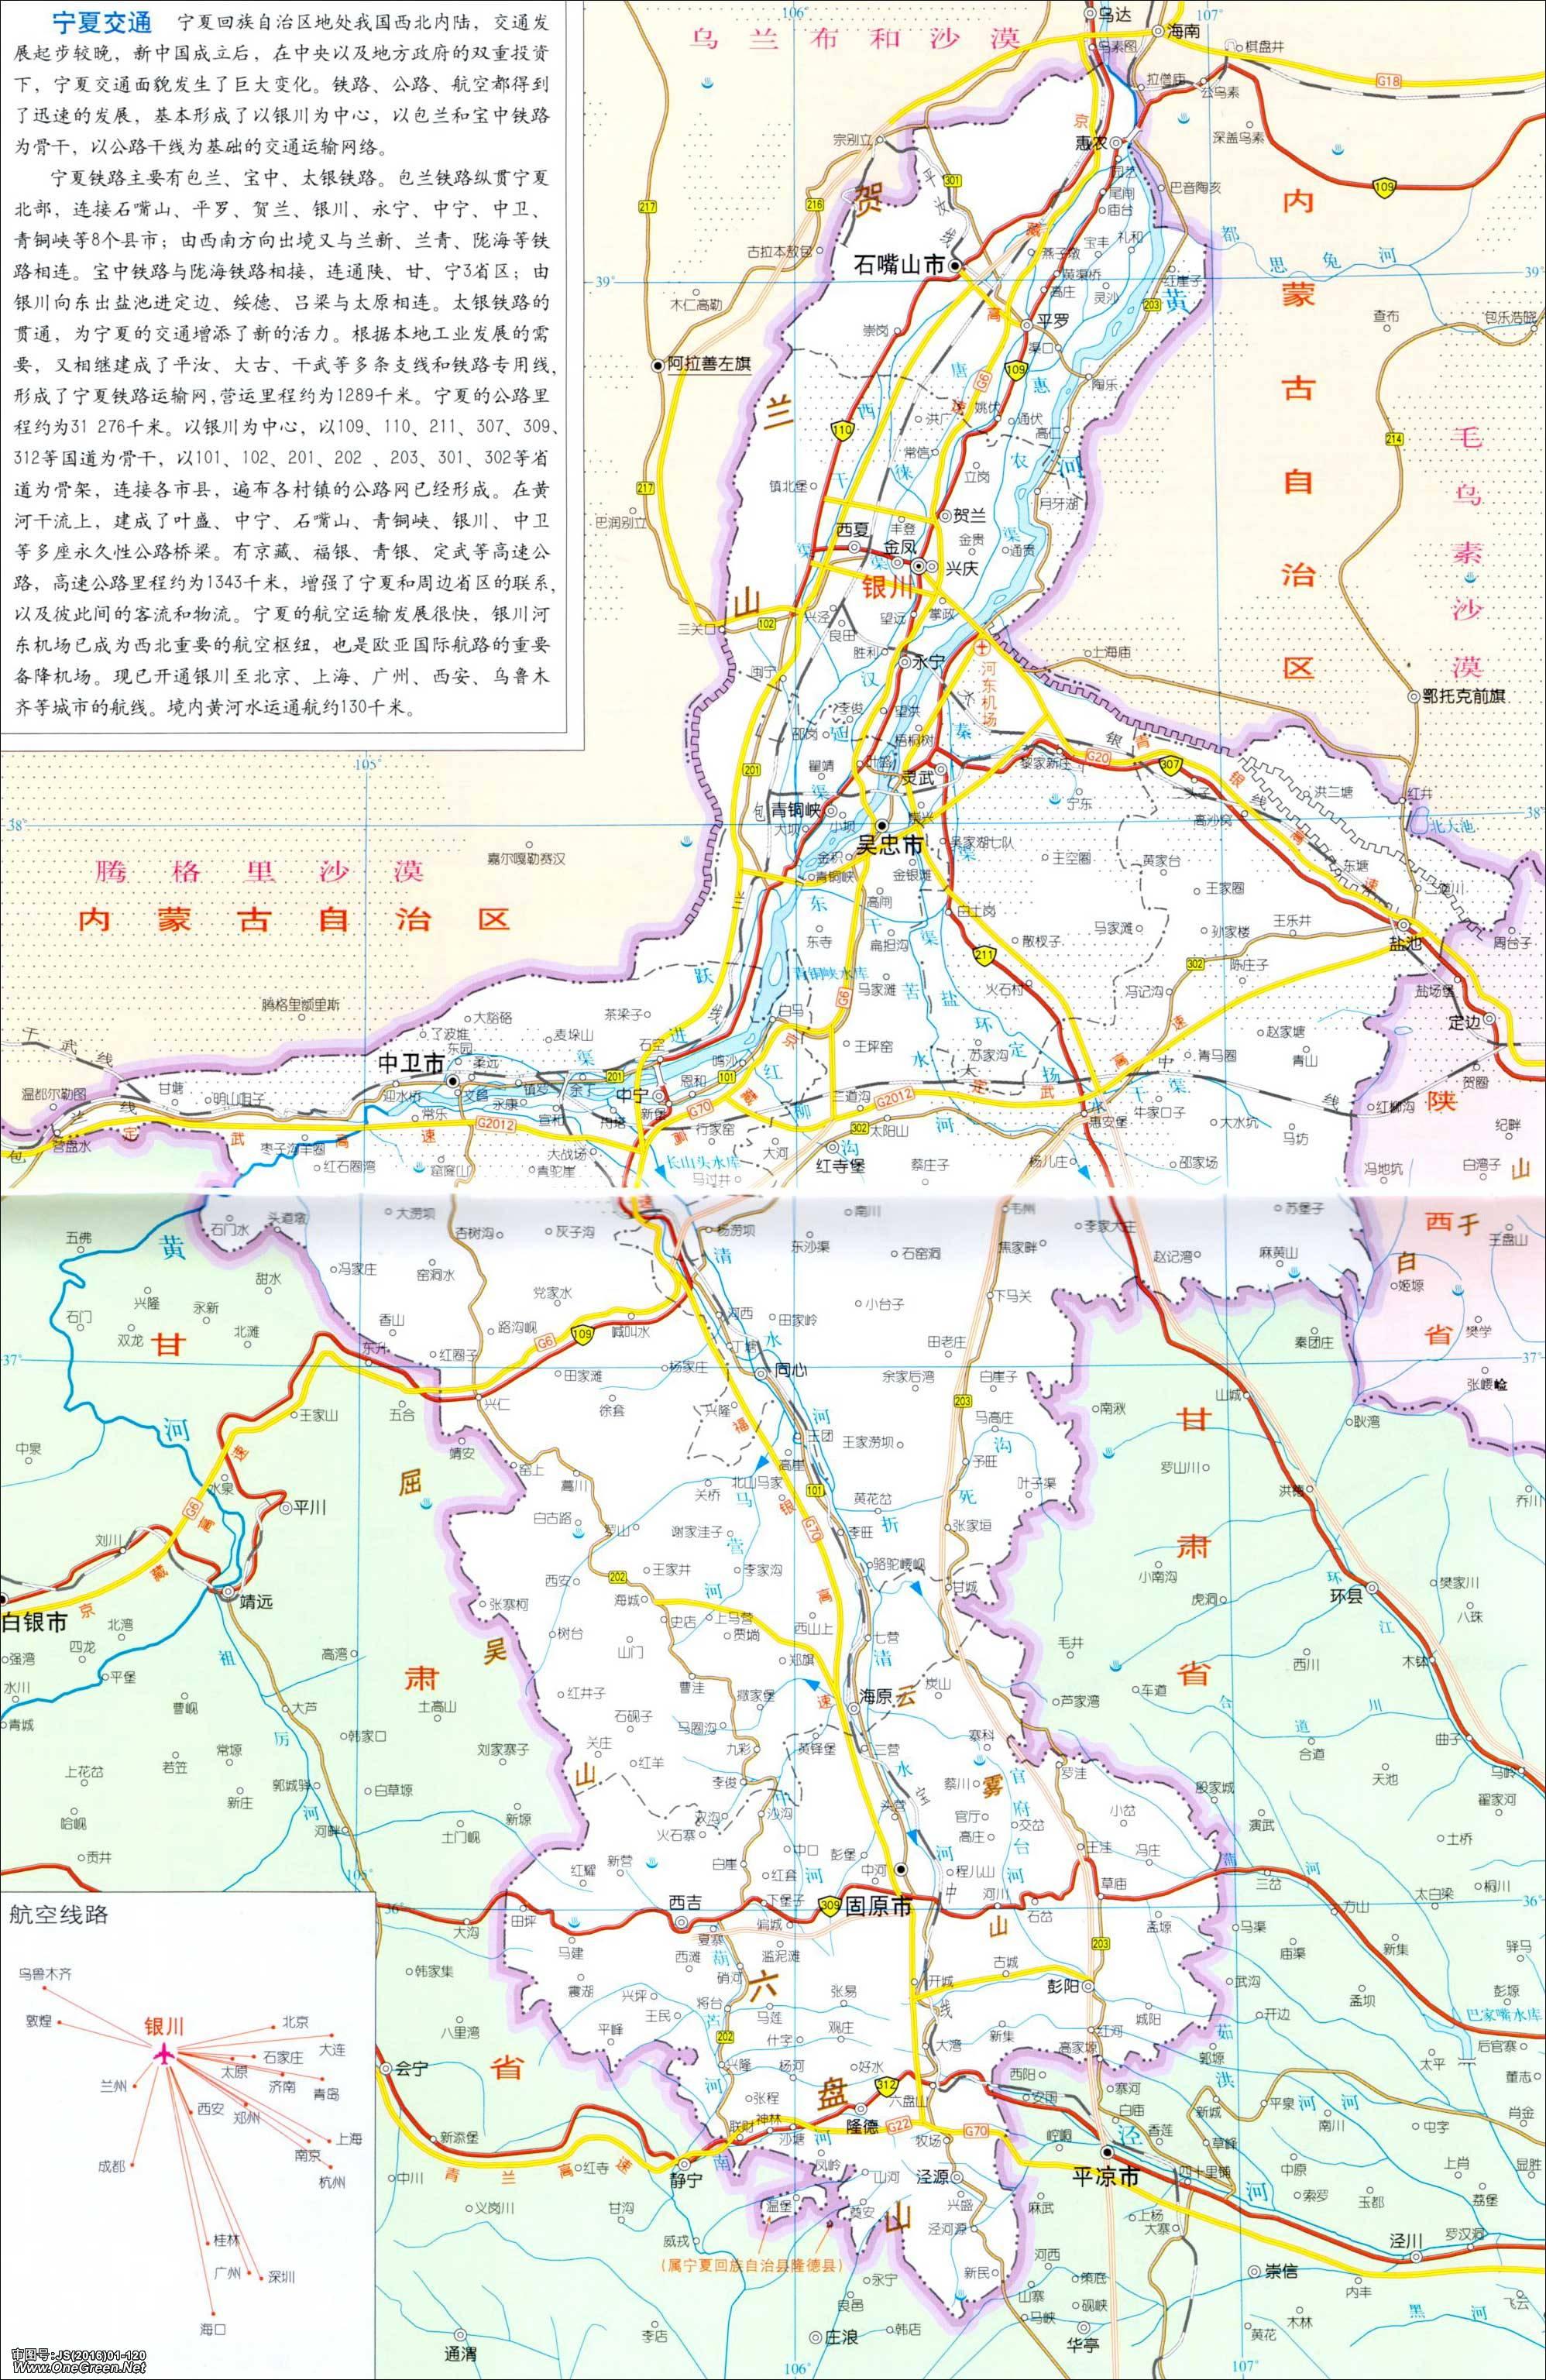 内蒙古地图全图大图_宁夏地图全图高清版_地图窝